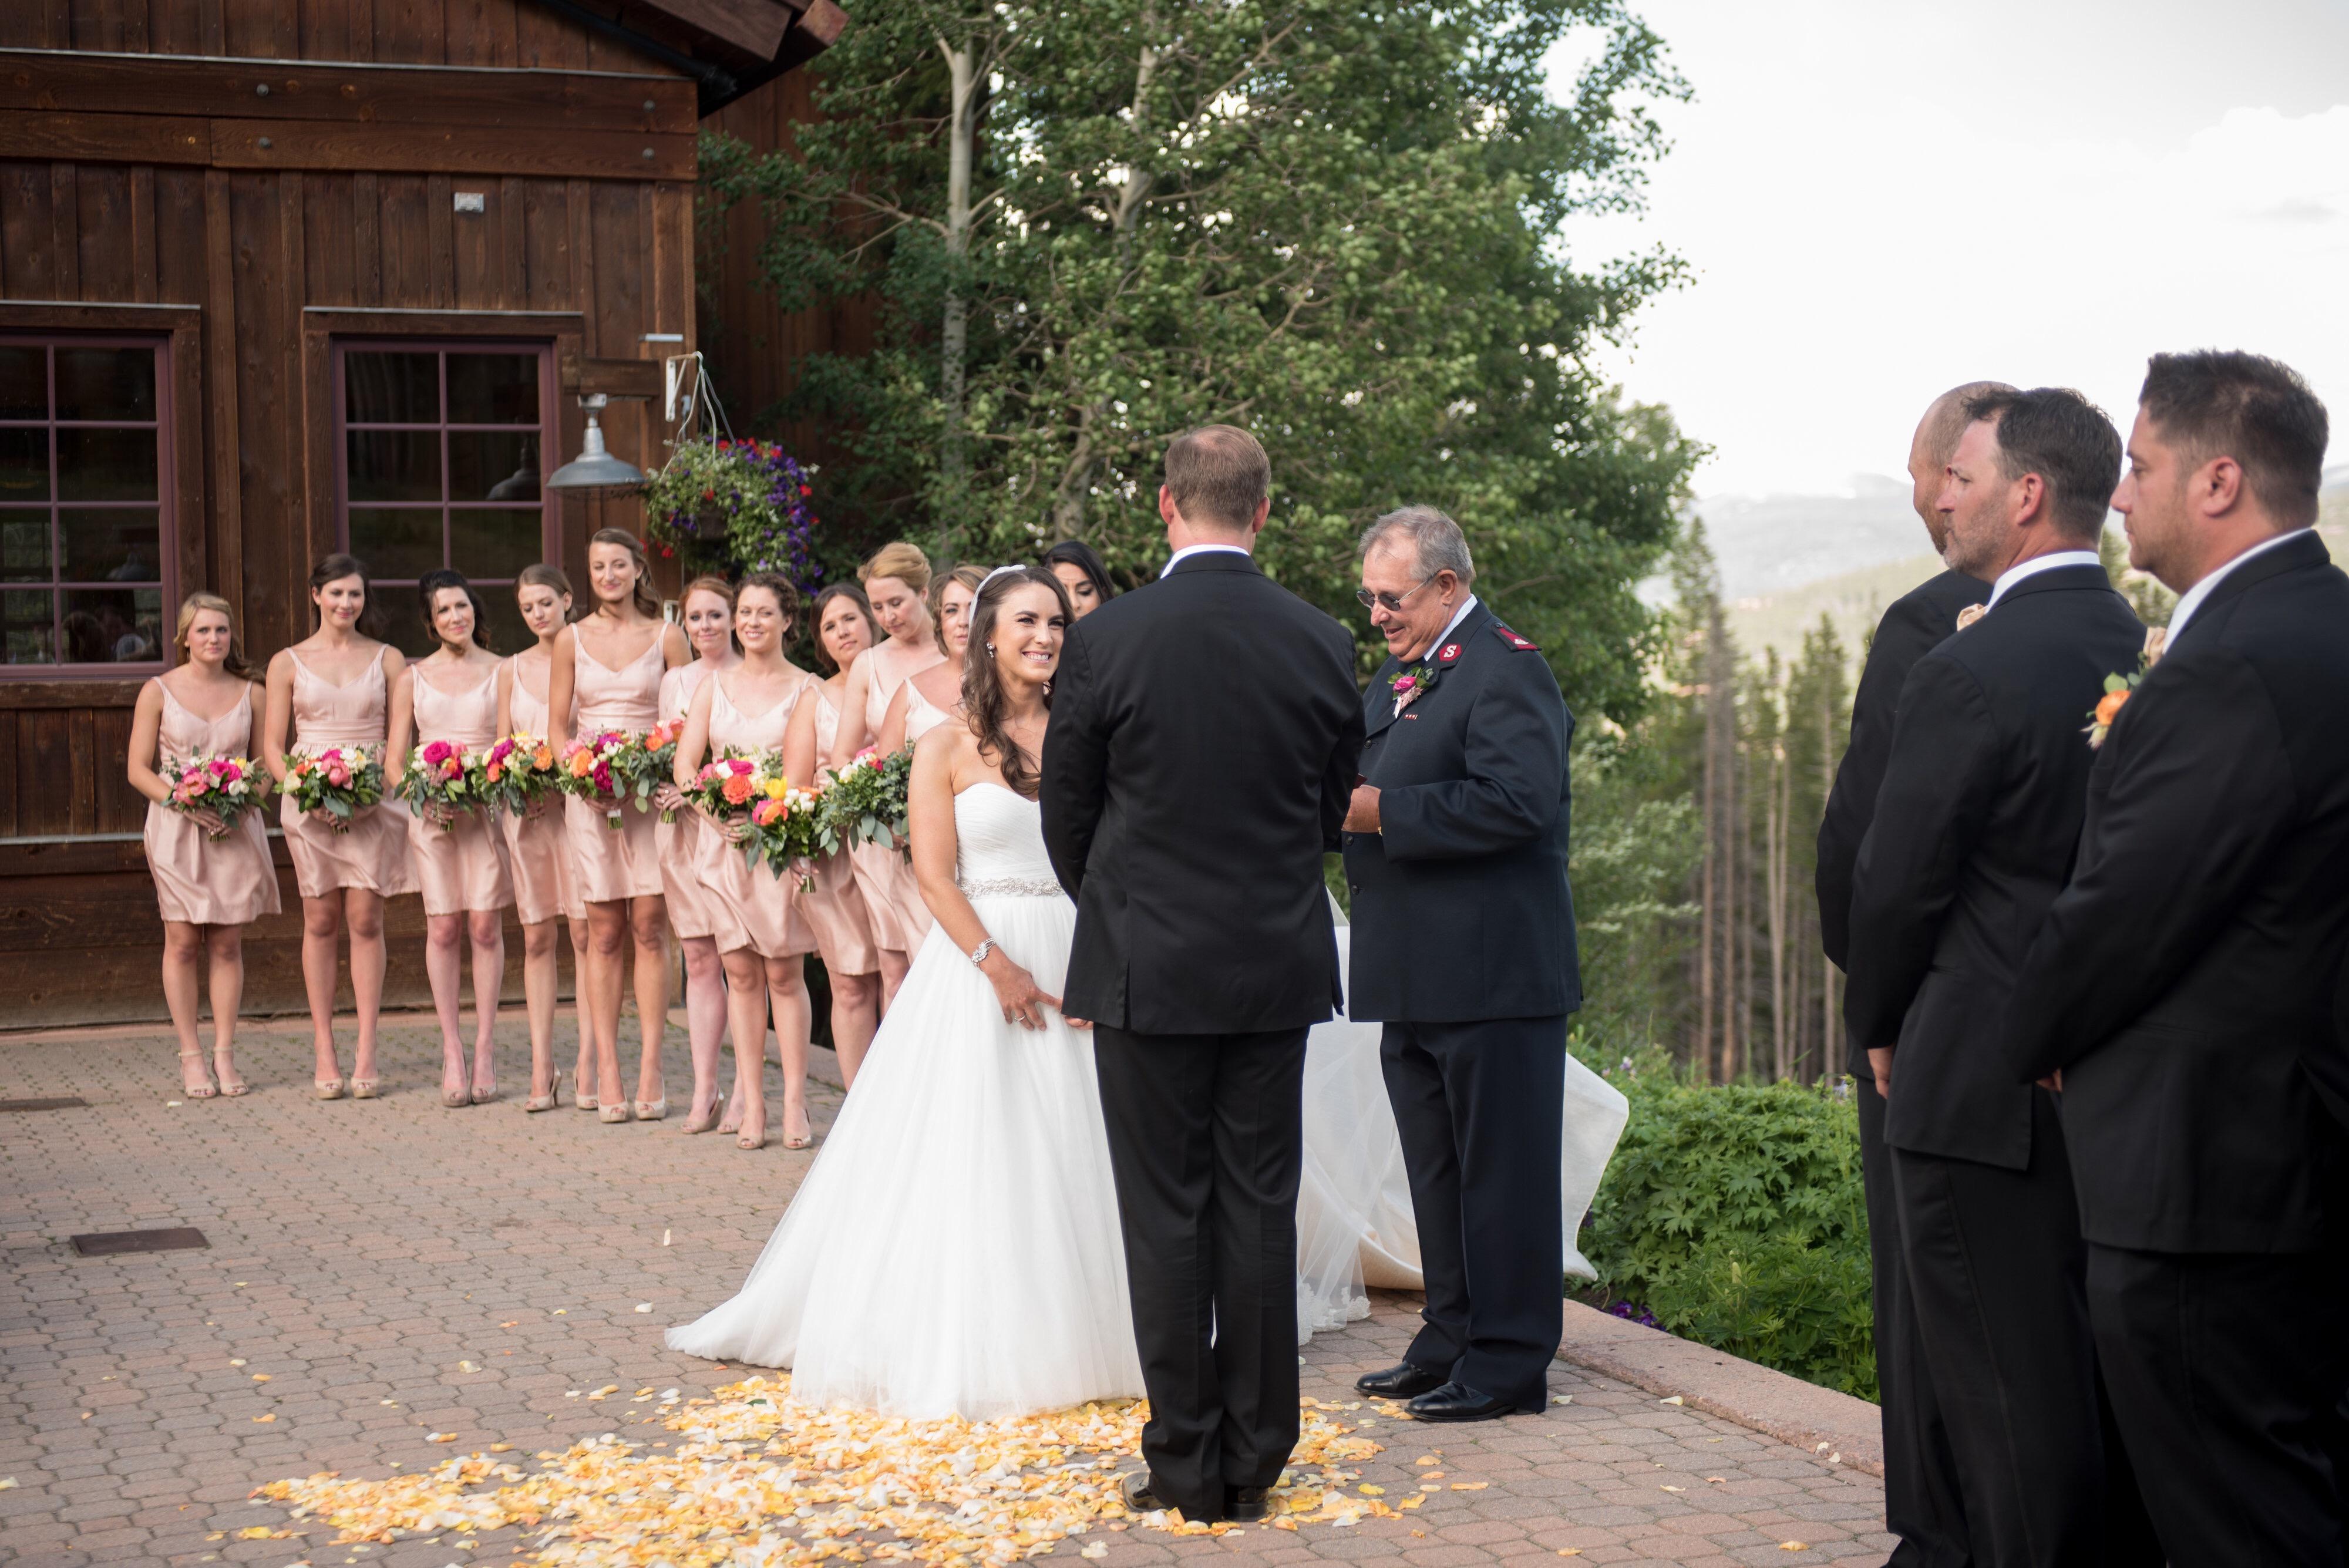 Kelcy_ceremony_bridesmaids